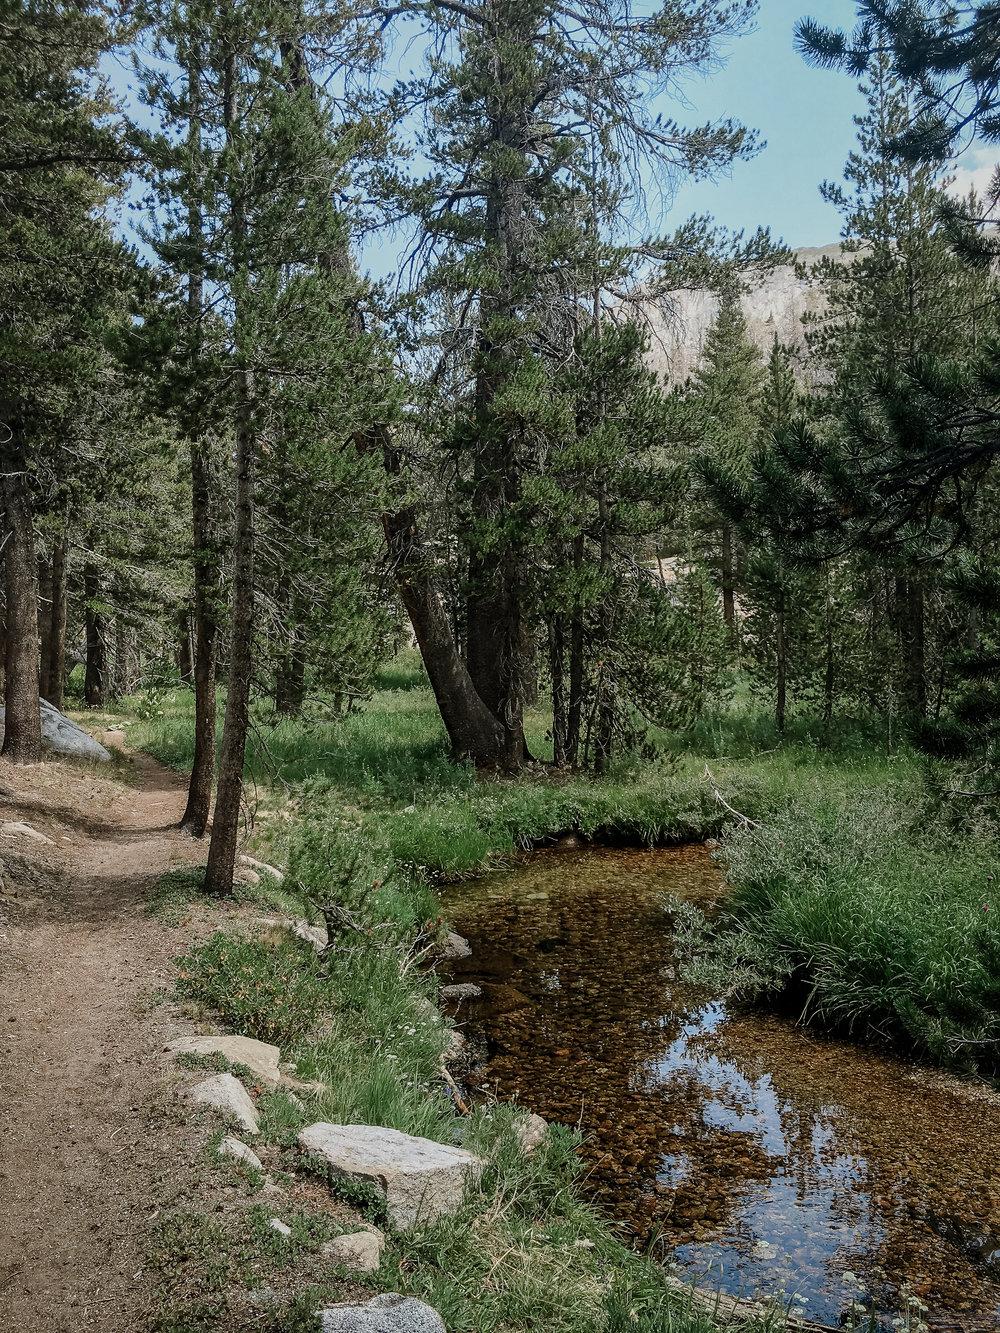 fletcher-creek-trail-high-sierra-camps-yosemite-vivianchen2.jpg